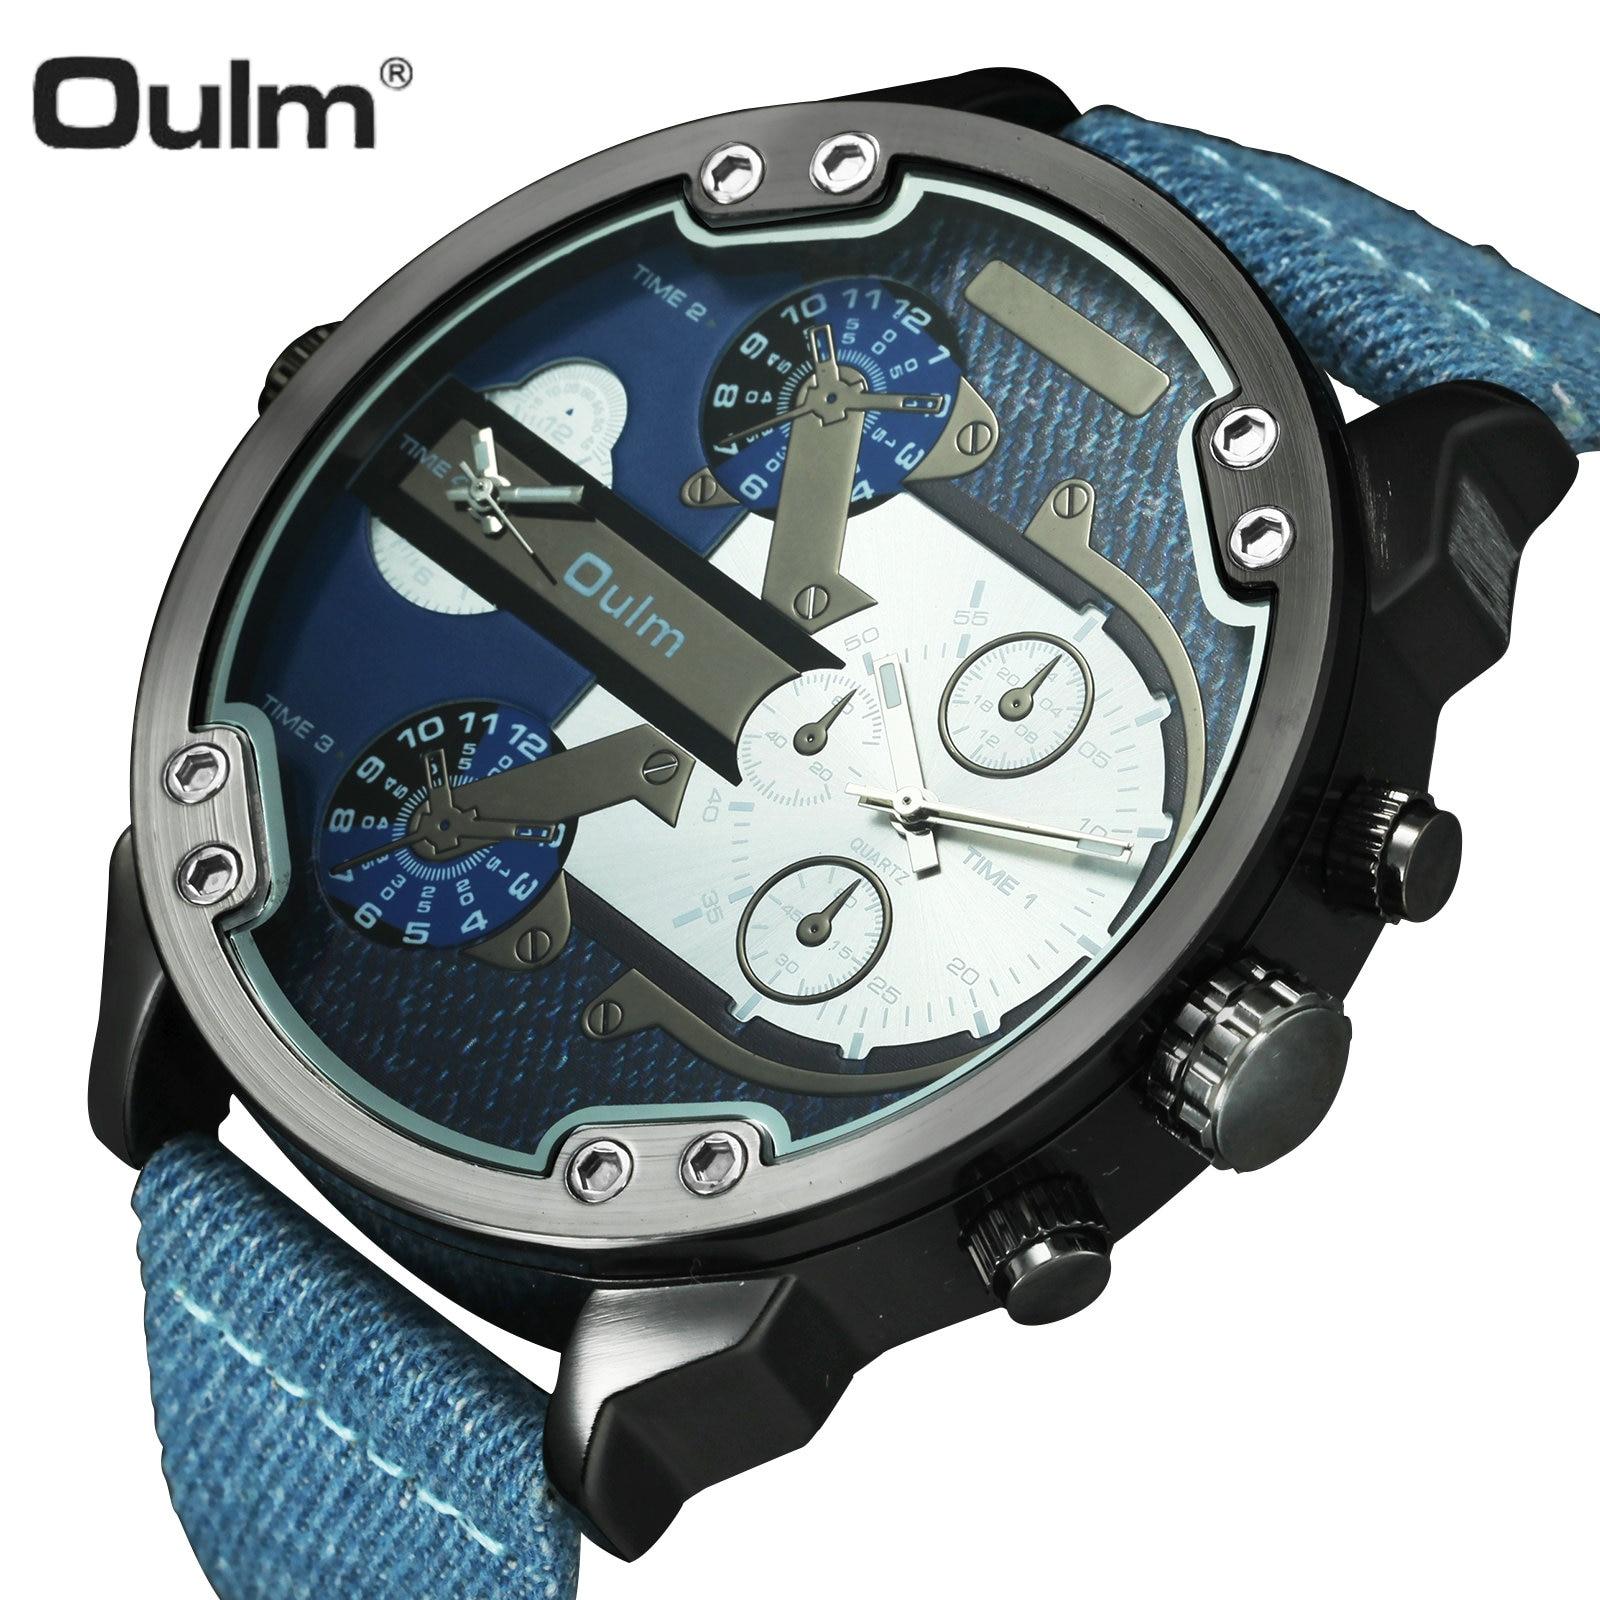 OULM Sport Quarz Uhr Männer Große Fall Military Herren Uhren Top Brand Luxus Leinwand Strap 2 Zeit Zone Fashion Casual armbanduhr